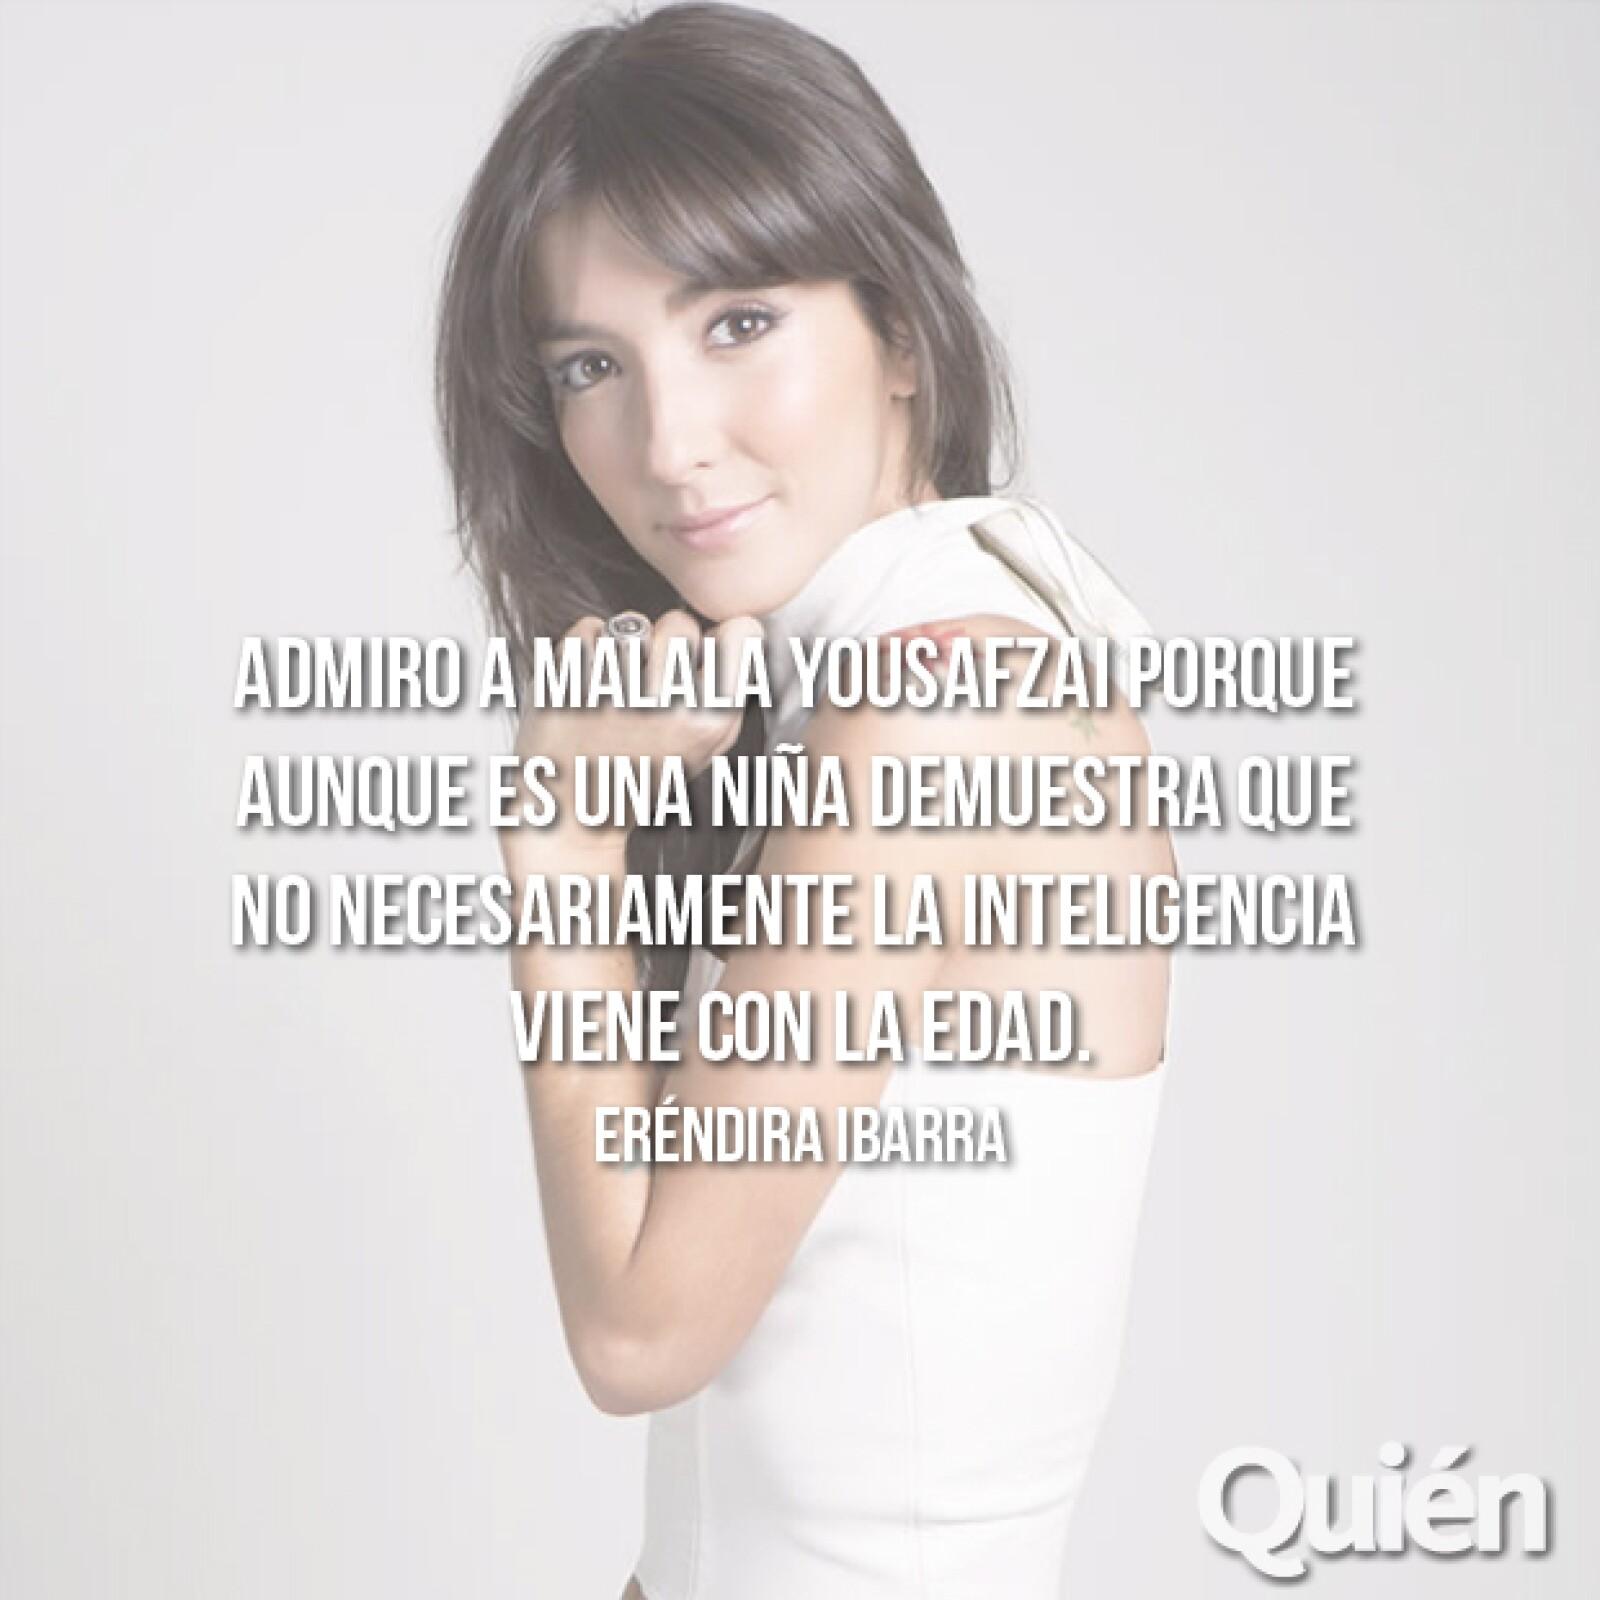 Eréndira Ibarra, actriz. Forma parte del elenco de la nueva serie de Netflix, Sense8, realizada por los hermanos Wachowski.